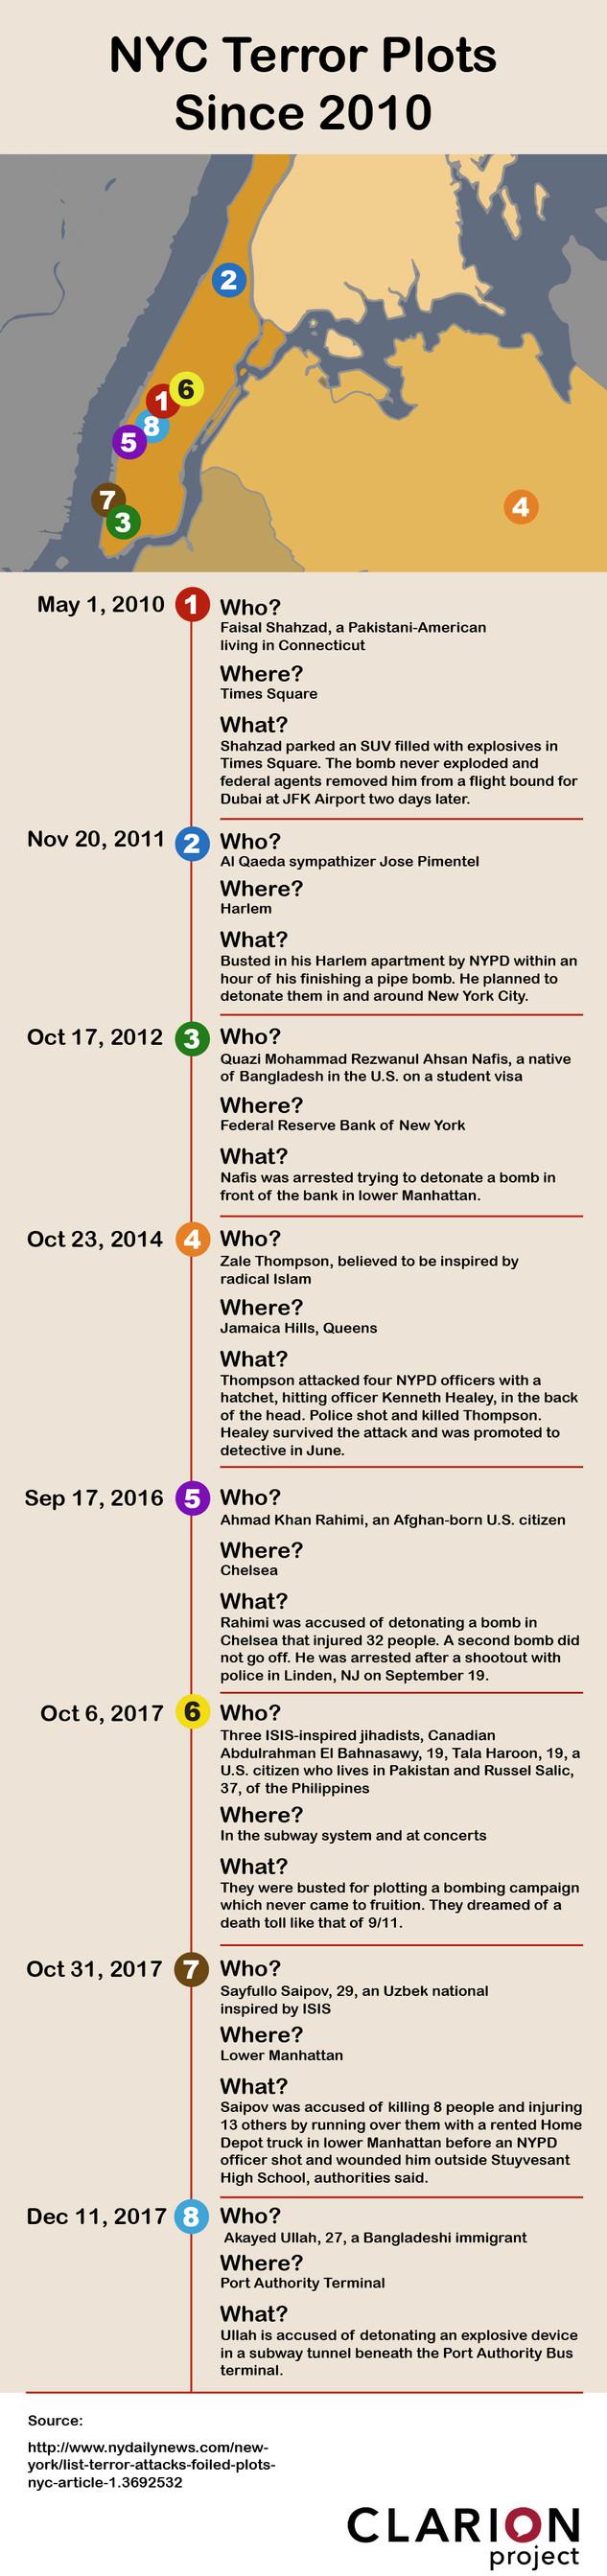 NYC Terror Plots - Clarion